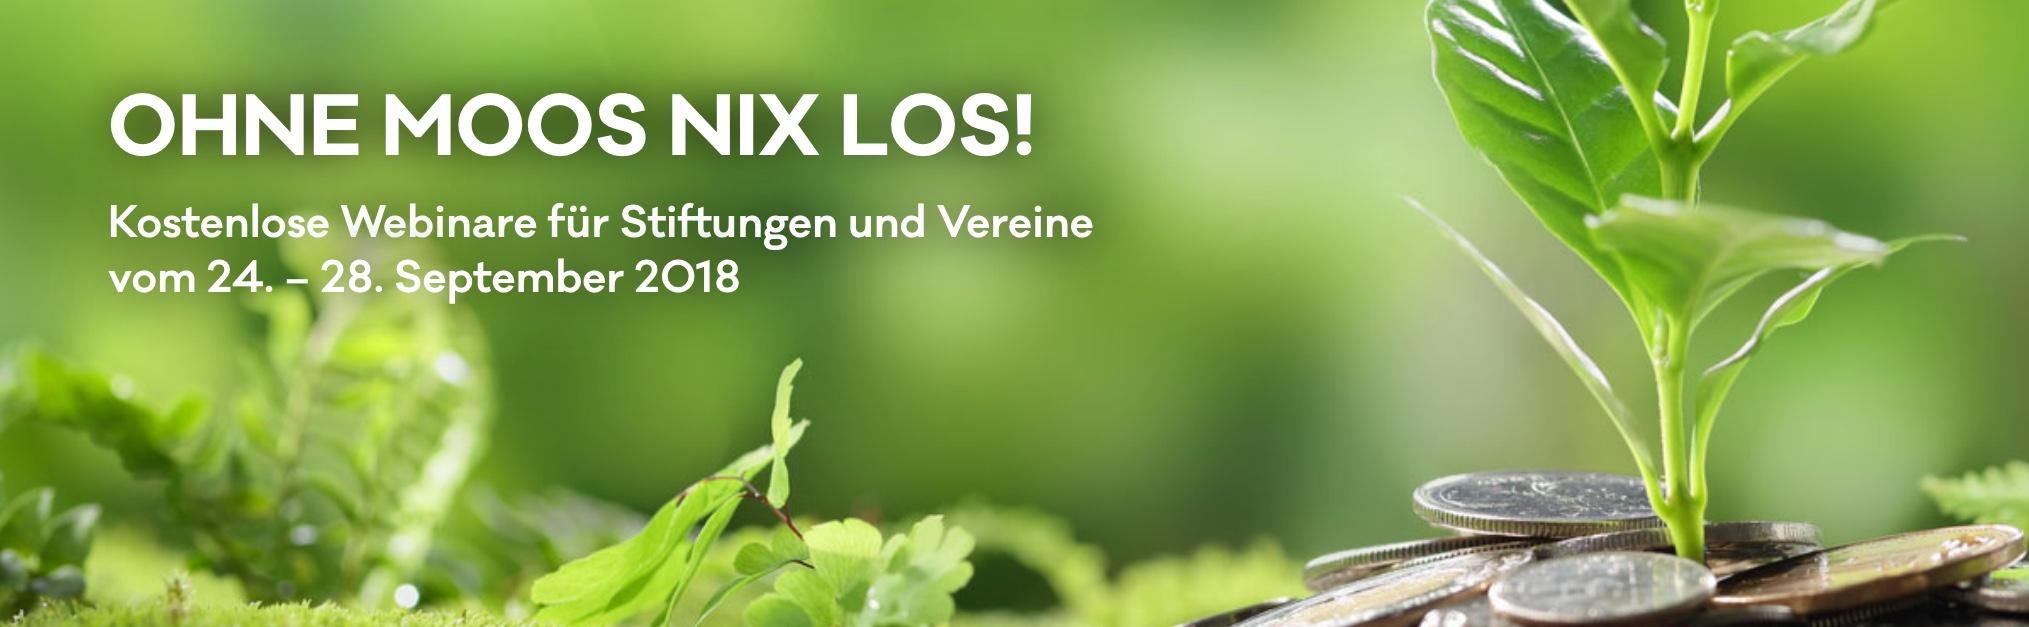 Kostenlose Webinare auf der Online-Stiftungswoche 24. - 28. September 2018